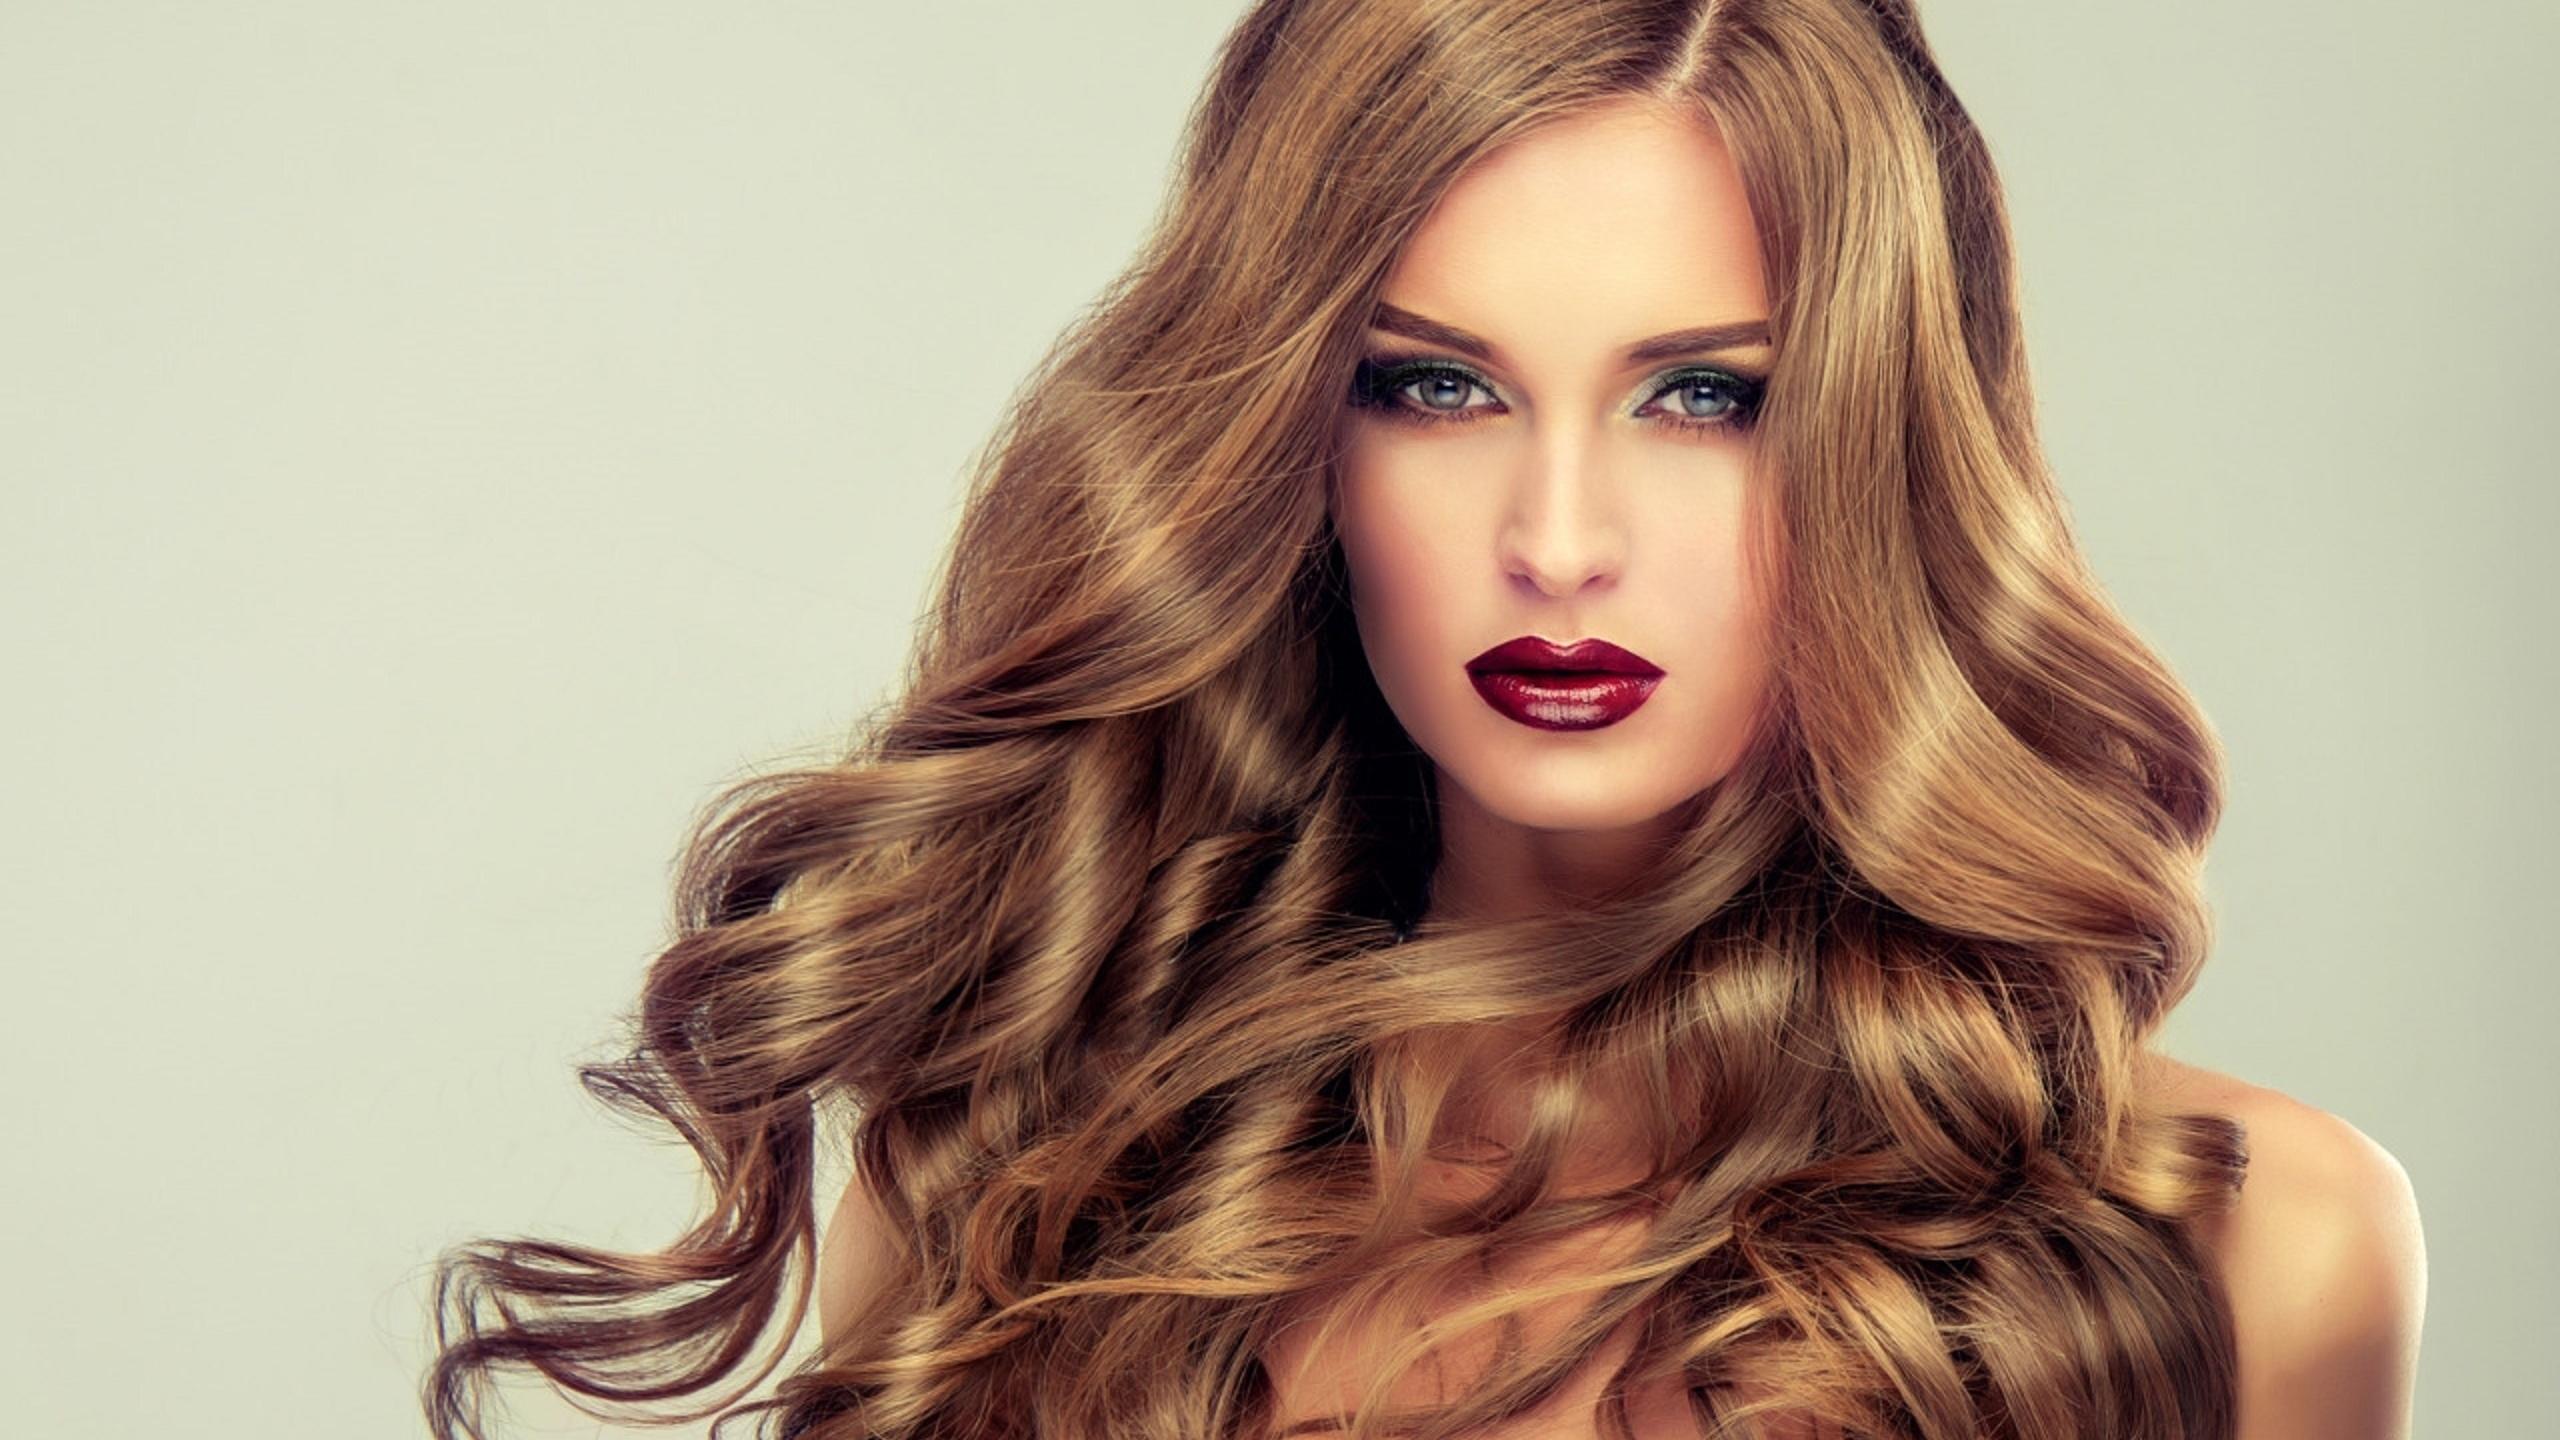 Цвет волос, который выглядит дорого, и как его добиться